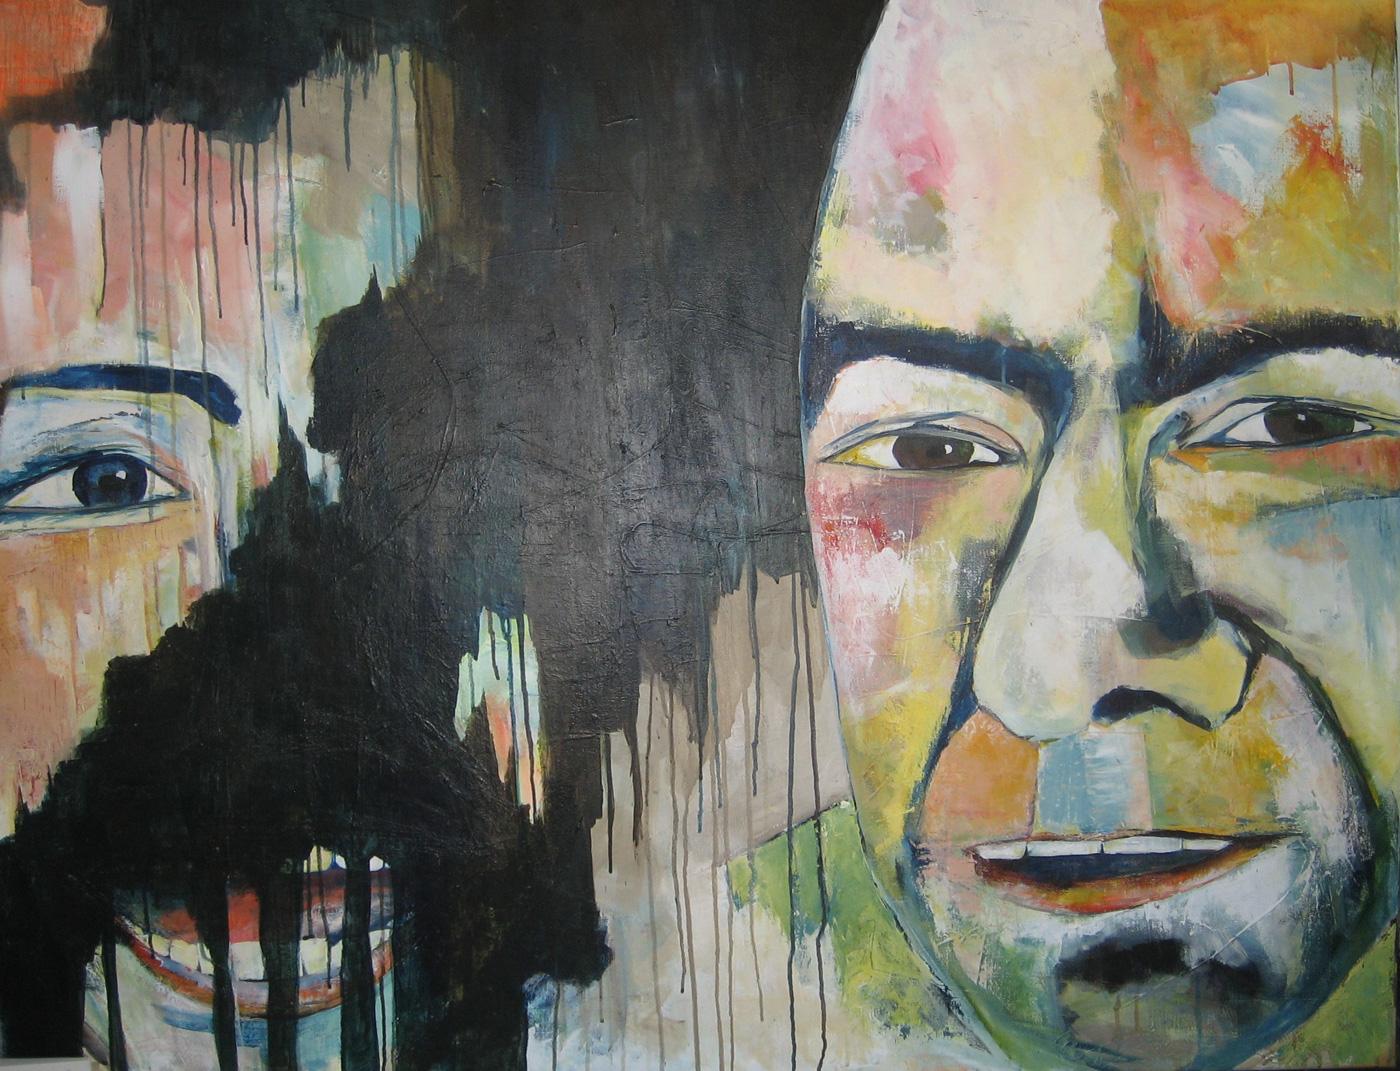 Akryl maleri: Vi er ikke nødvendigvis vores fortid